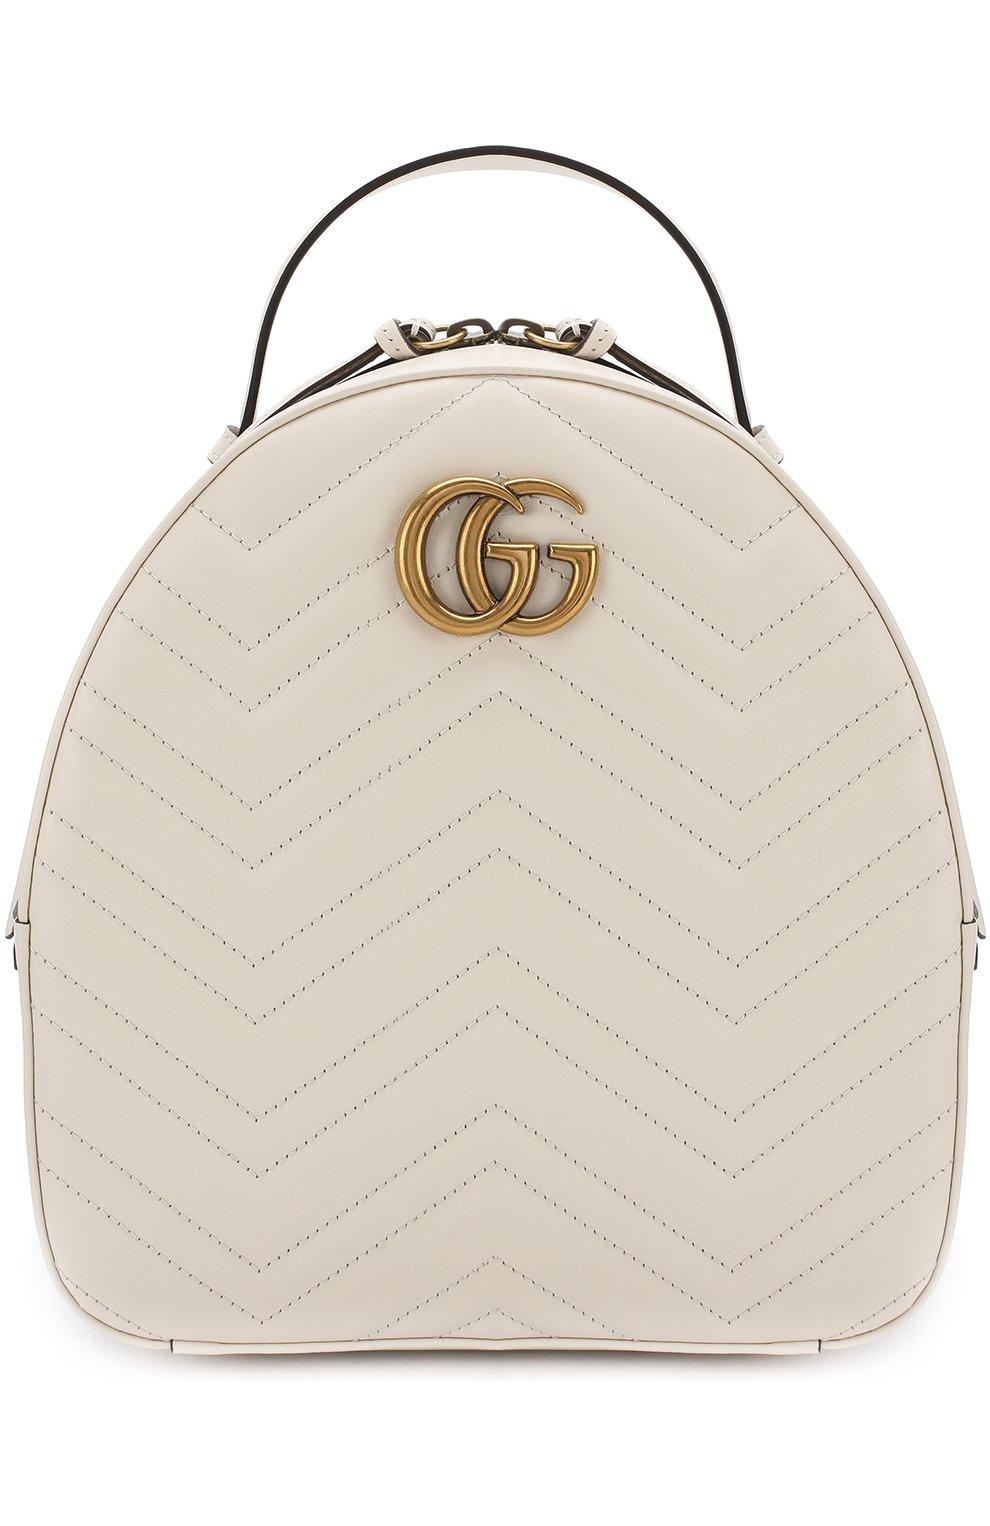 Рюкзак GG Marmont | Фото №1